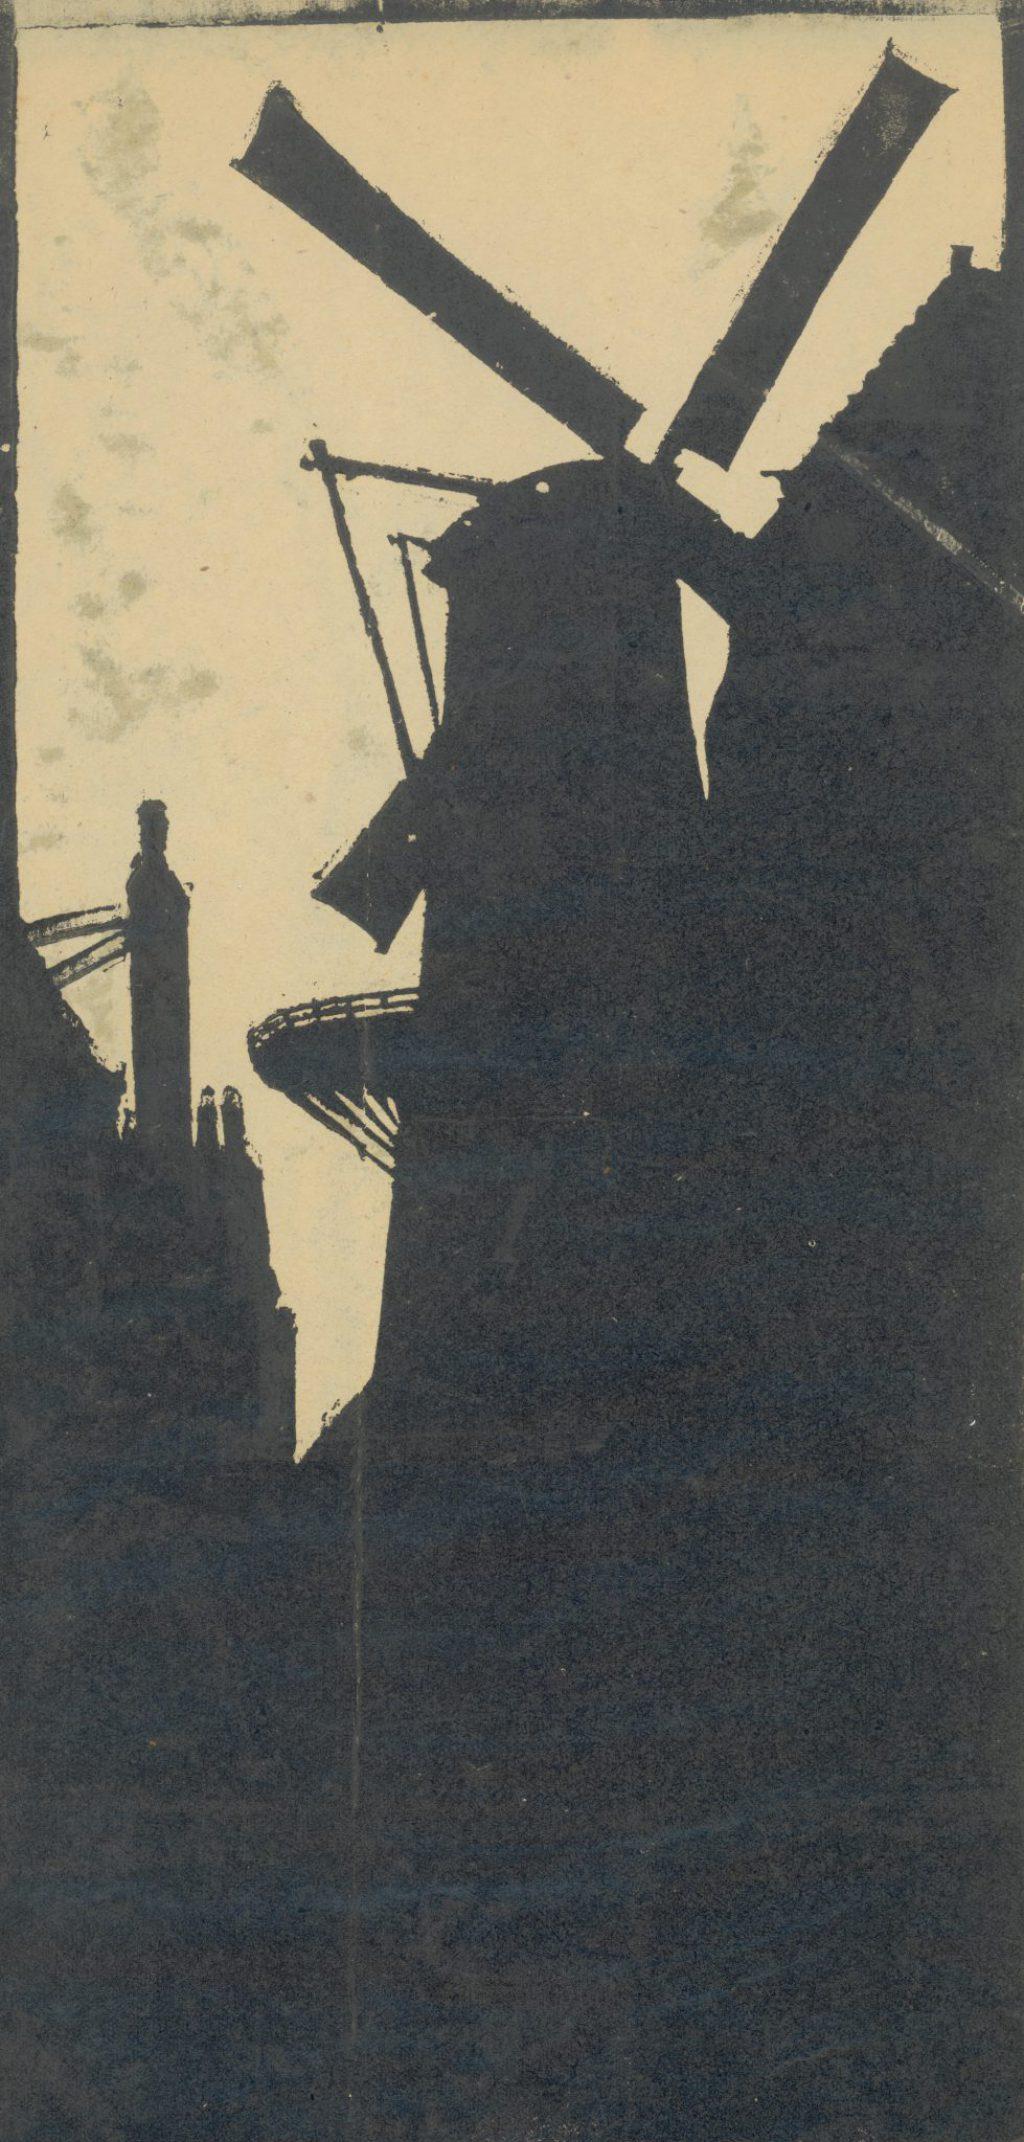 Afdruk van een linosnede, Jan Heesterman, 1920 (TMS 68229)